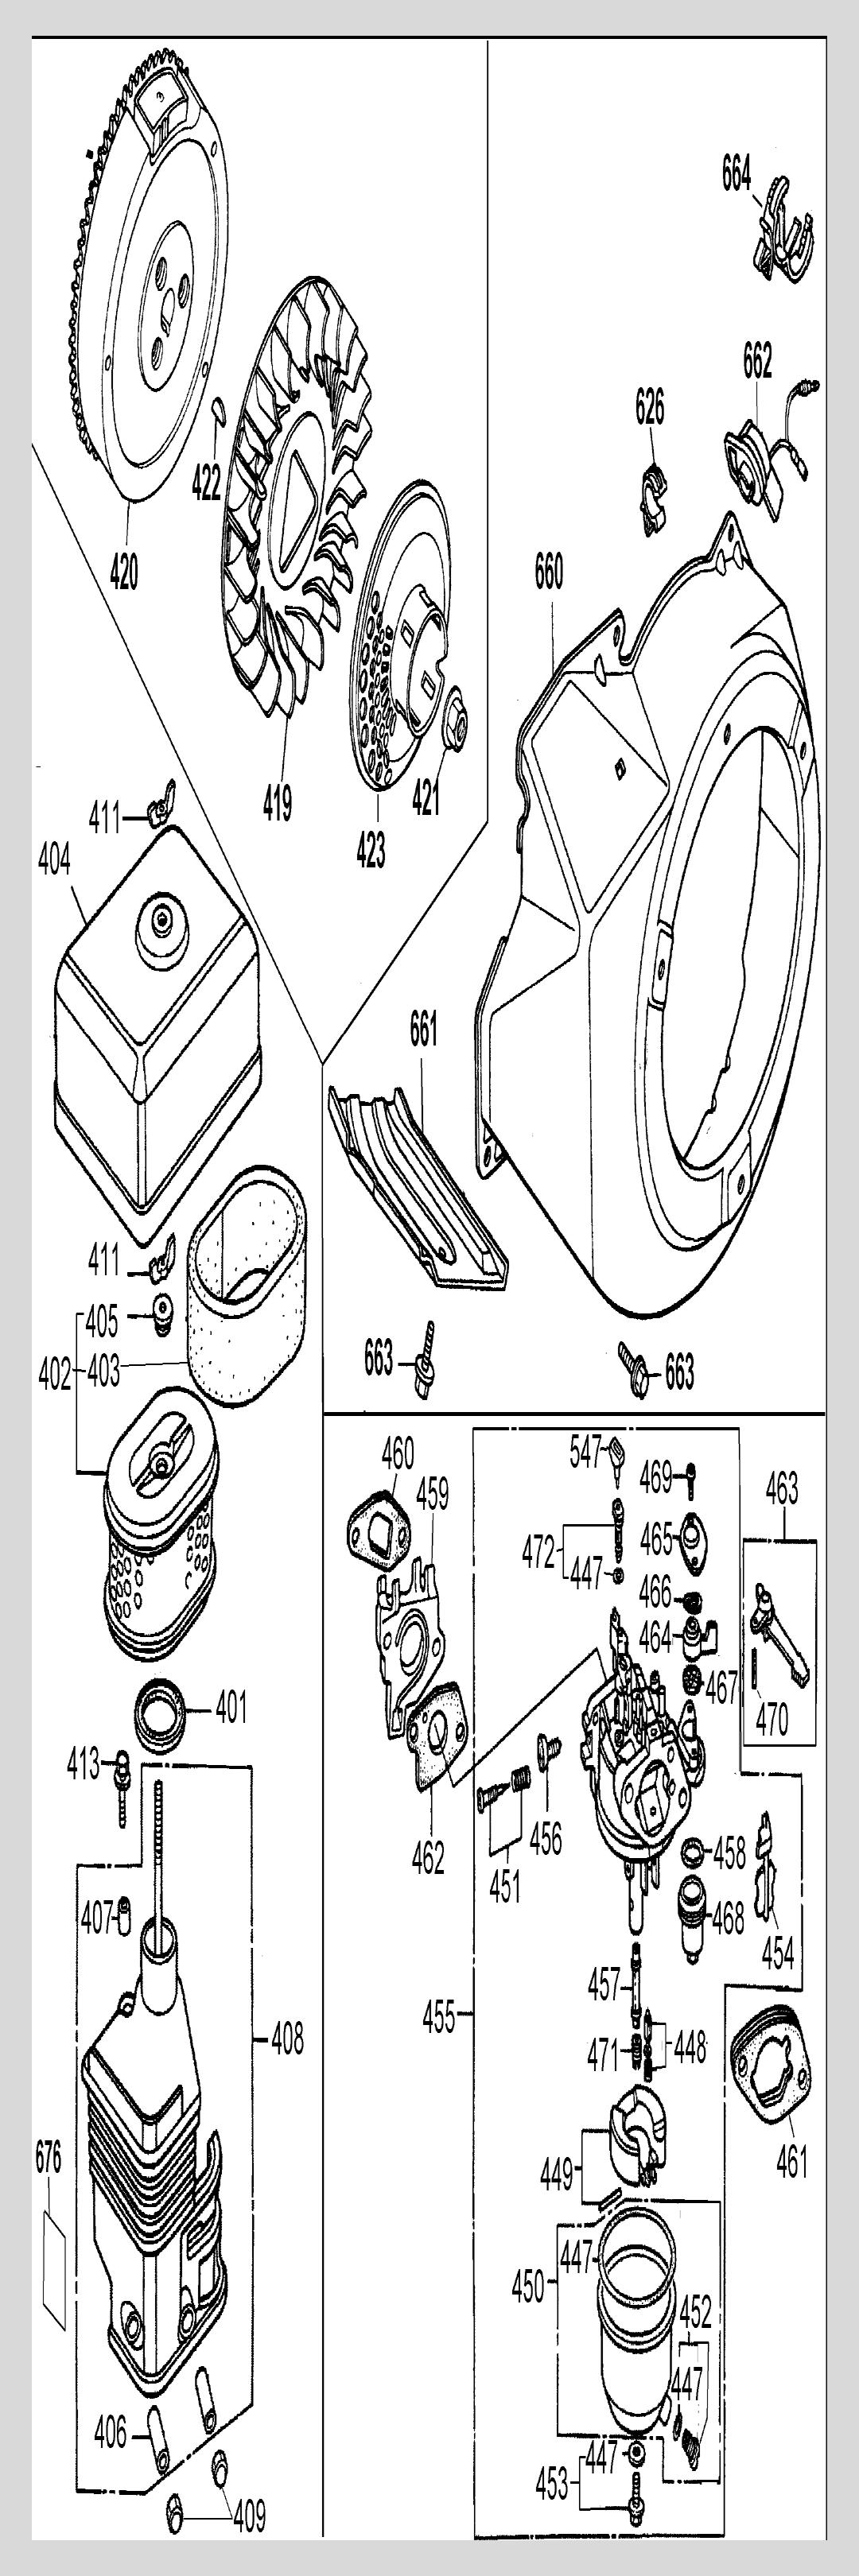 D55275-T3-Dewalt-PB-4Break Down